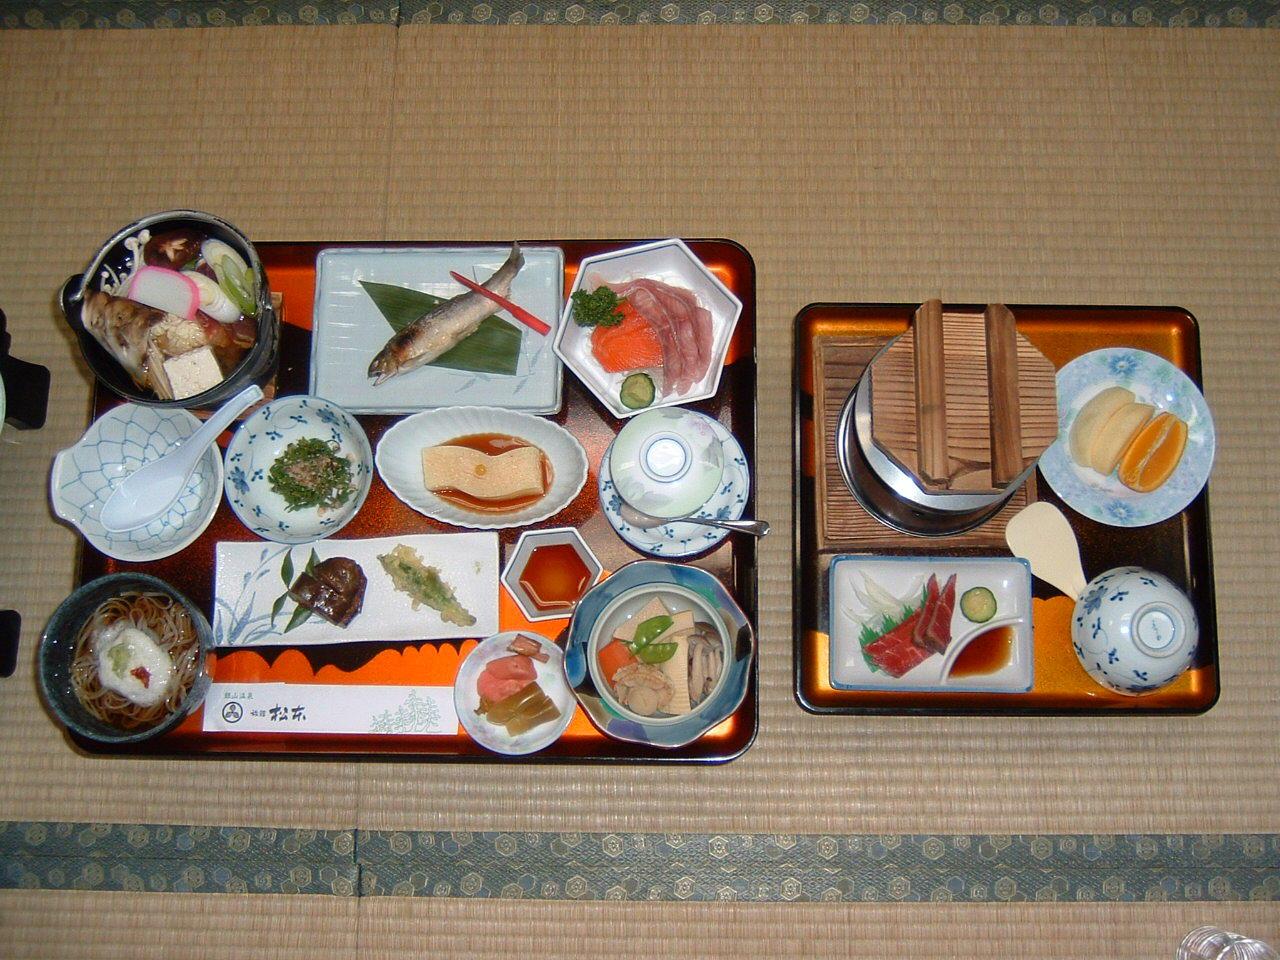 銀山温泉 旅館松本 関連画像 13枚目 楽天トラベル提供